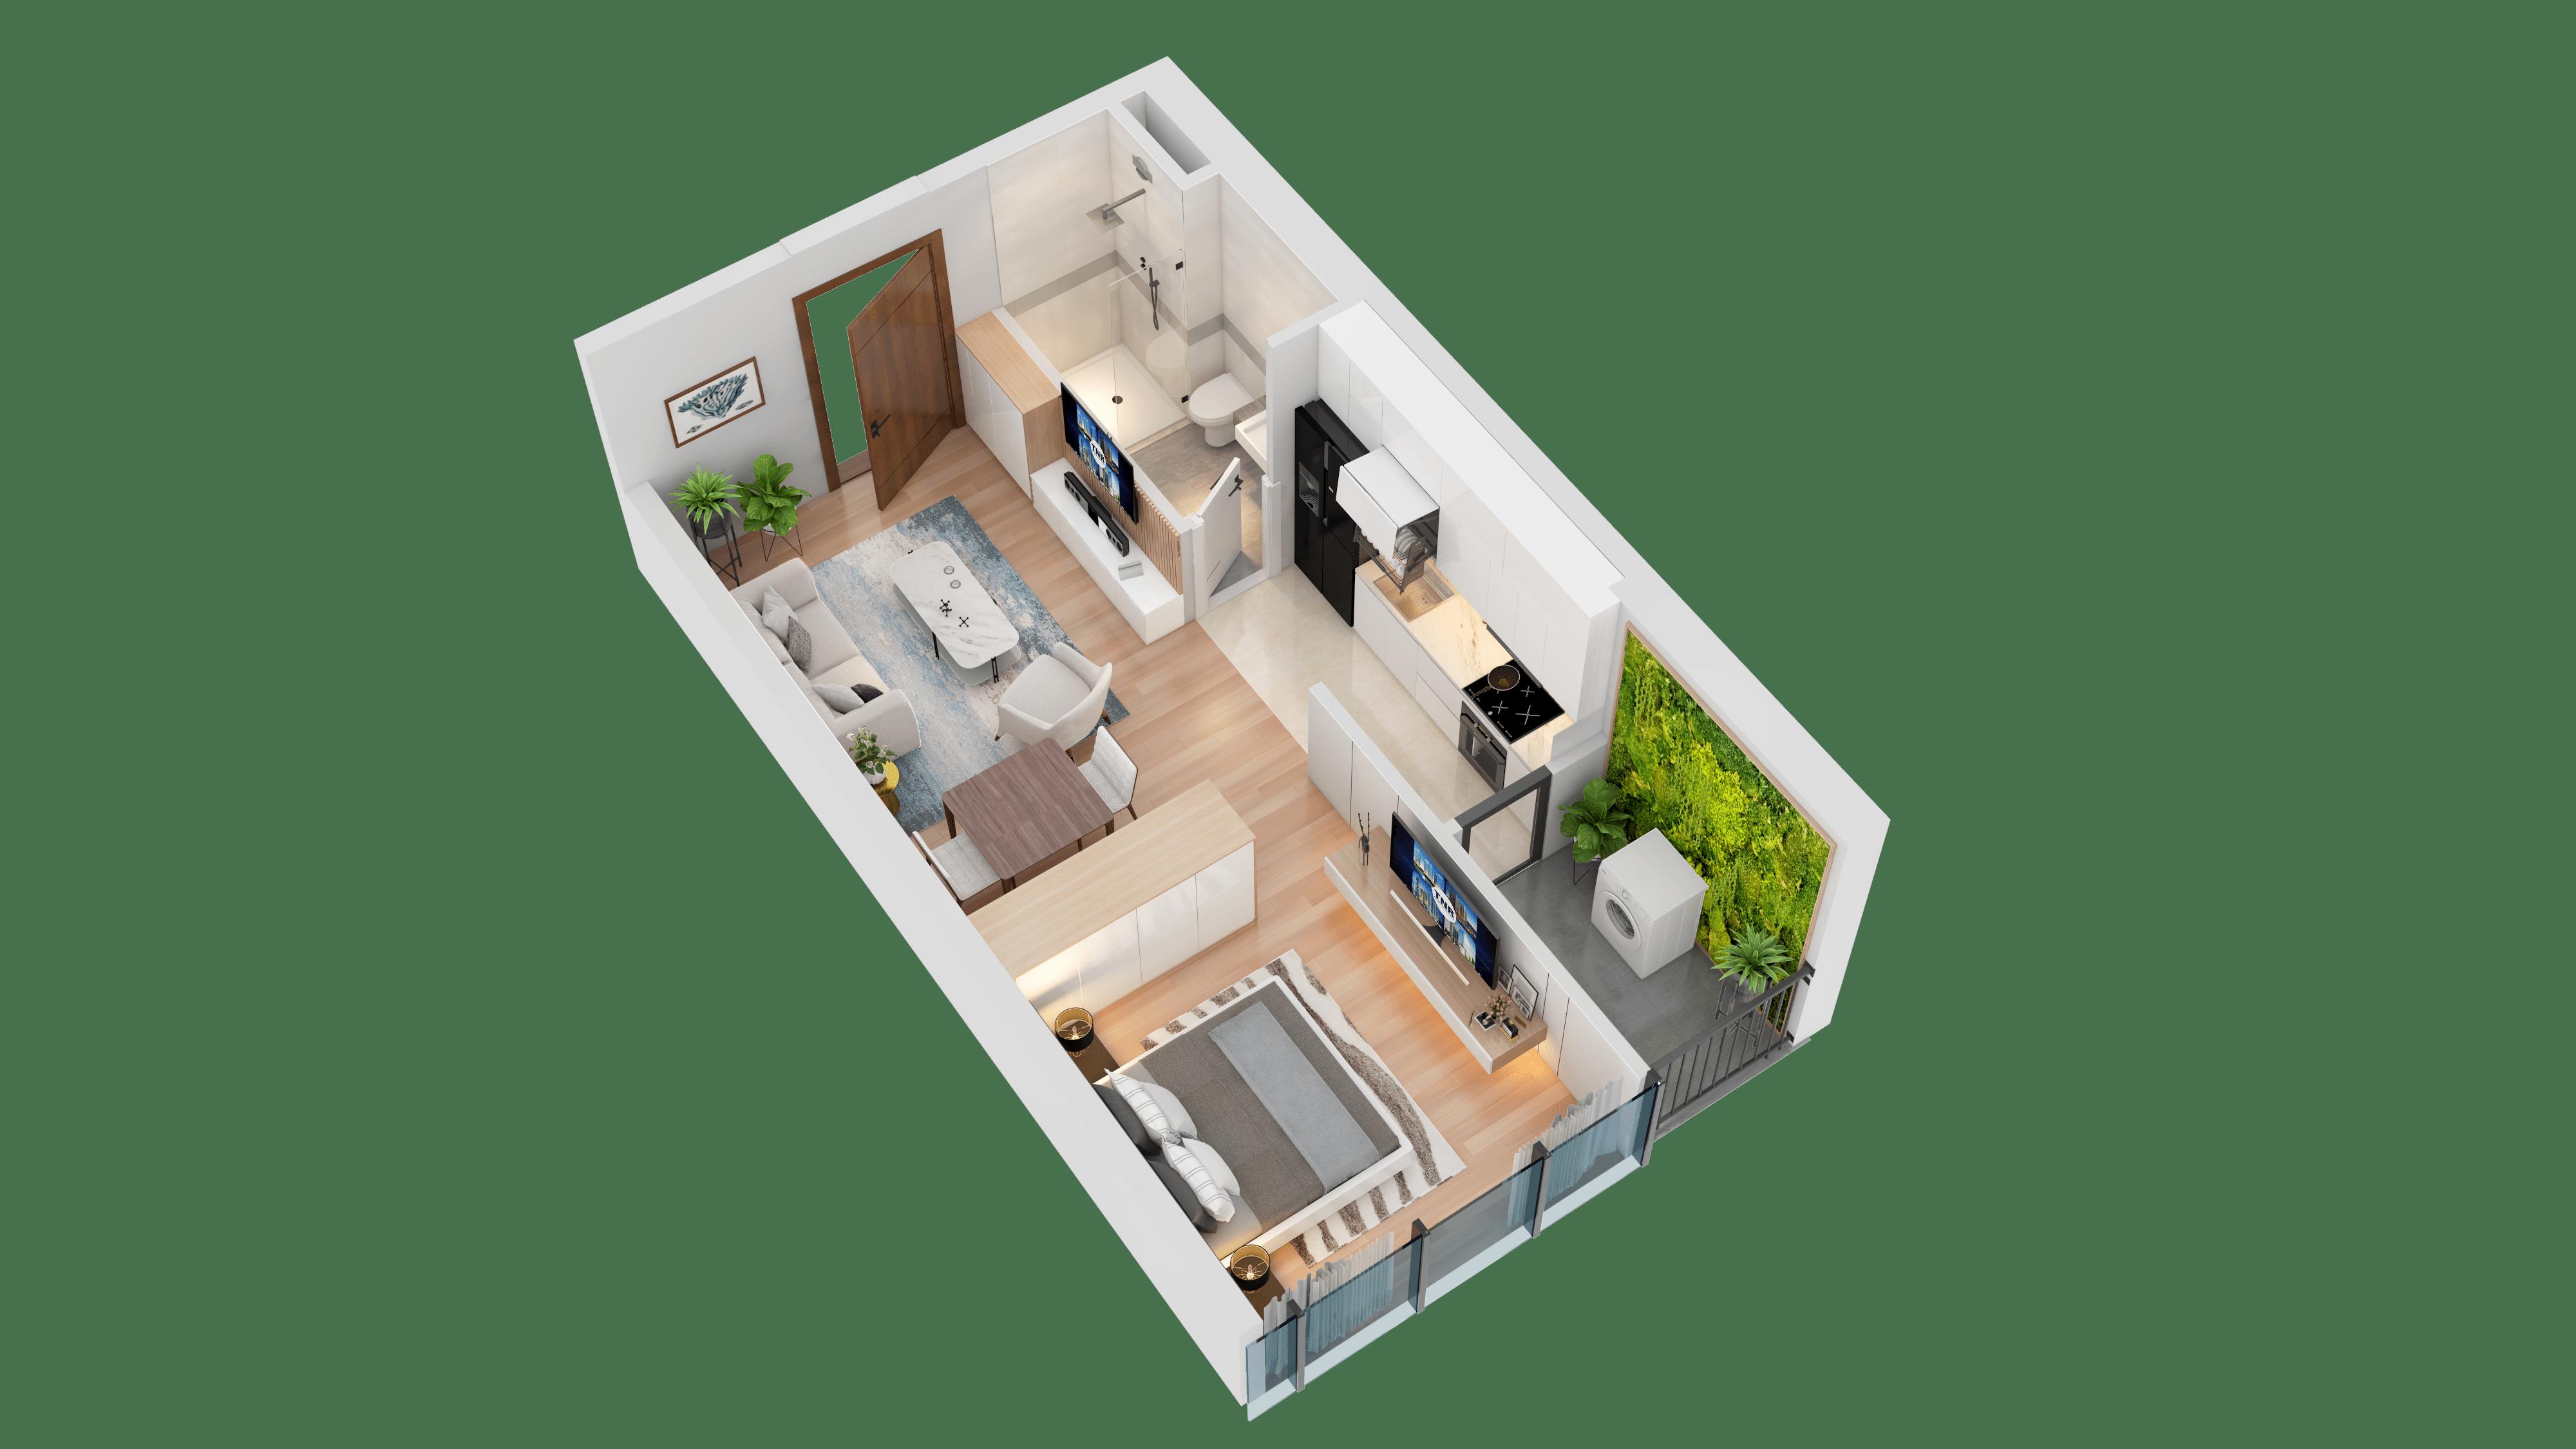 Thiết kế căn hộ 07 chung cư tnr the nosta